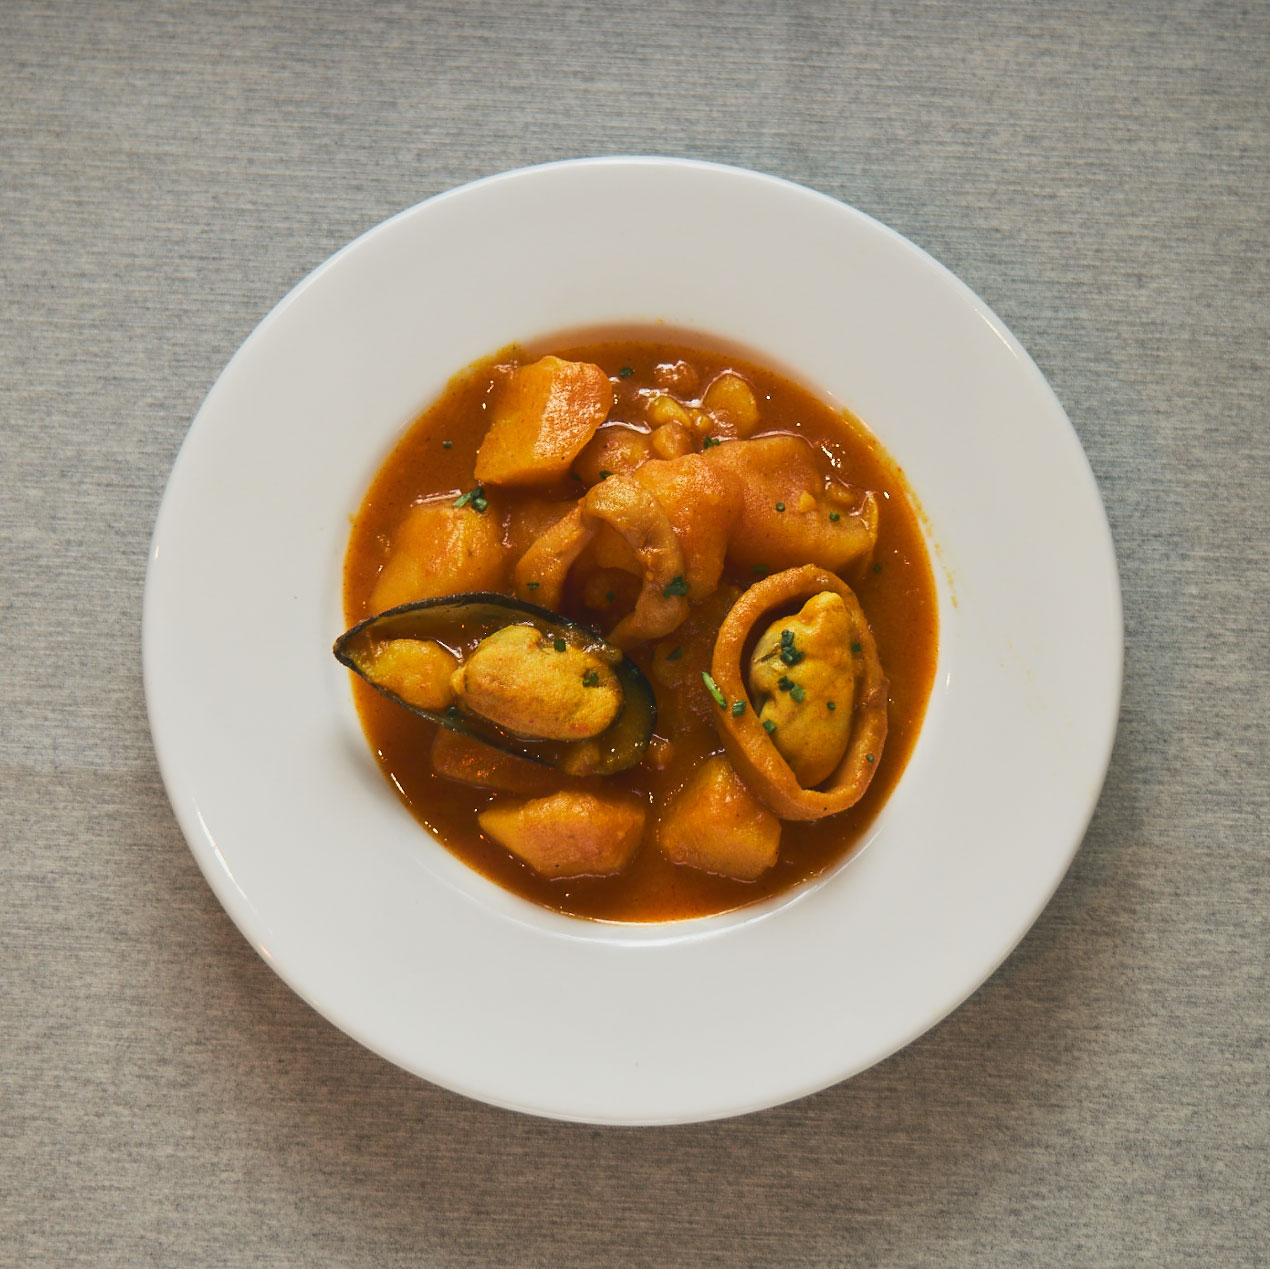 El plato estrella de Gladys. 30 años de Solomillo al Ajo Tostado y Marmitako de Atún; plato tradicional de la cocina vasca y un clásico en nuestra cocina desde 1990.